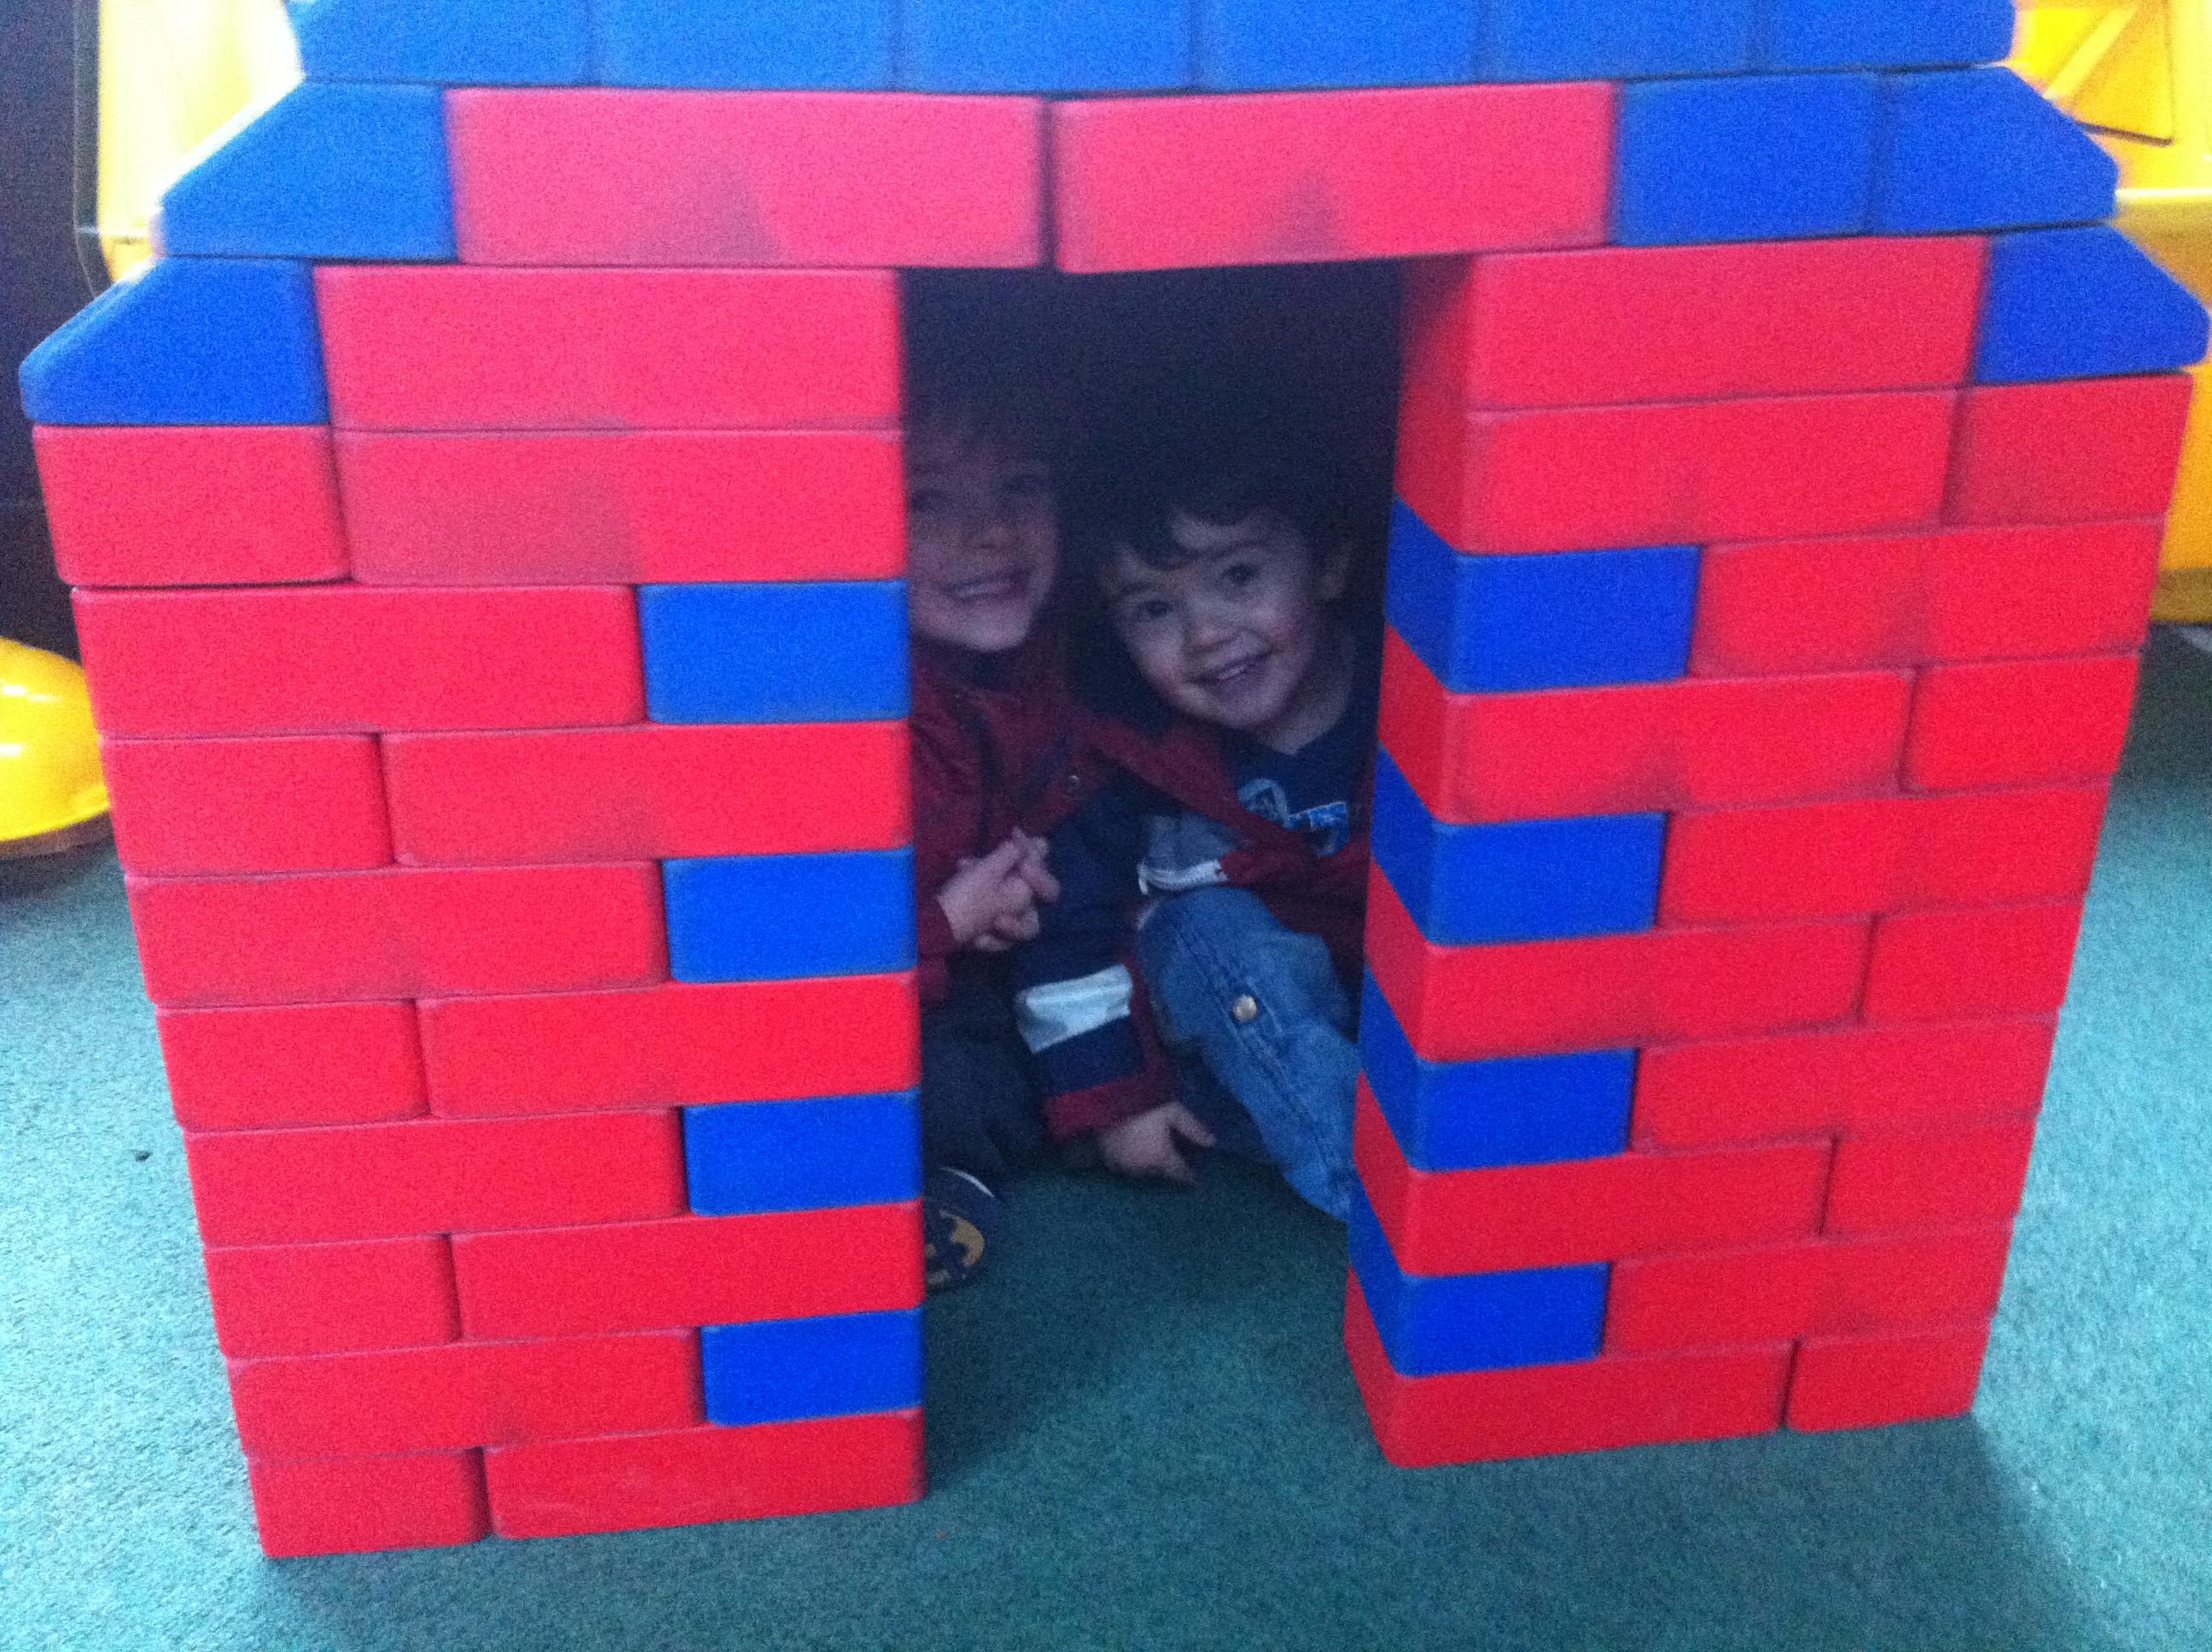 Fatherhood²: The Giant Lego That Made me Hate a Child | Fatherhood² ...